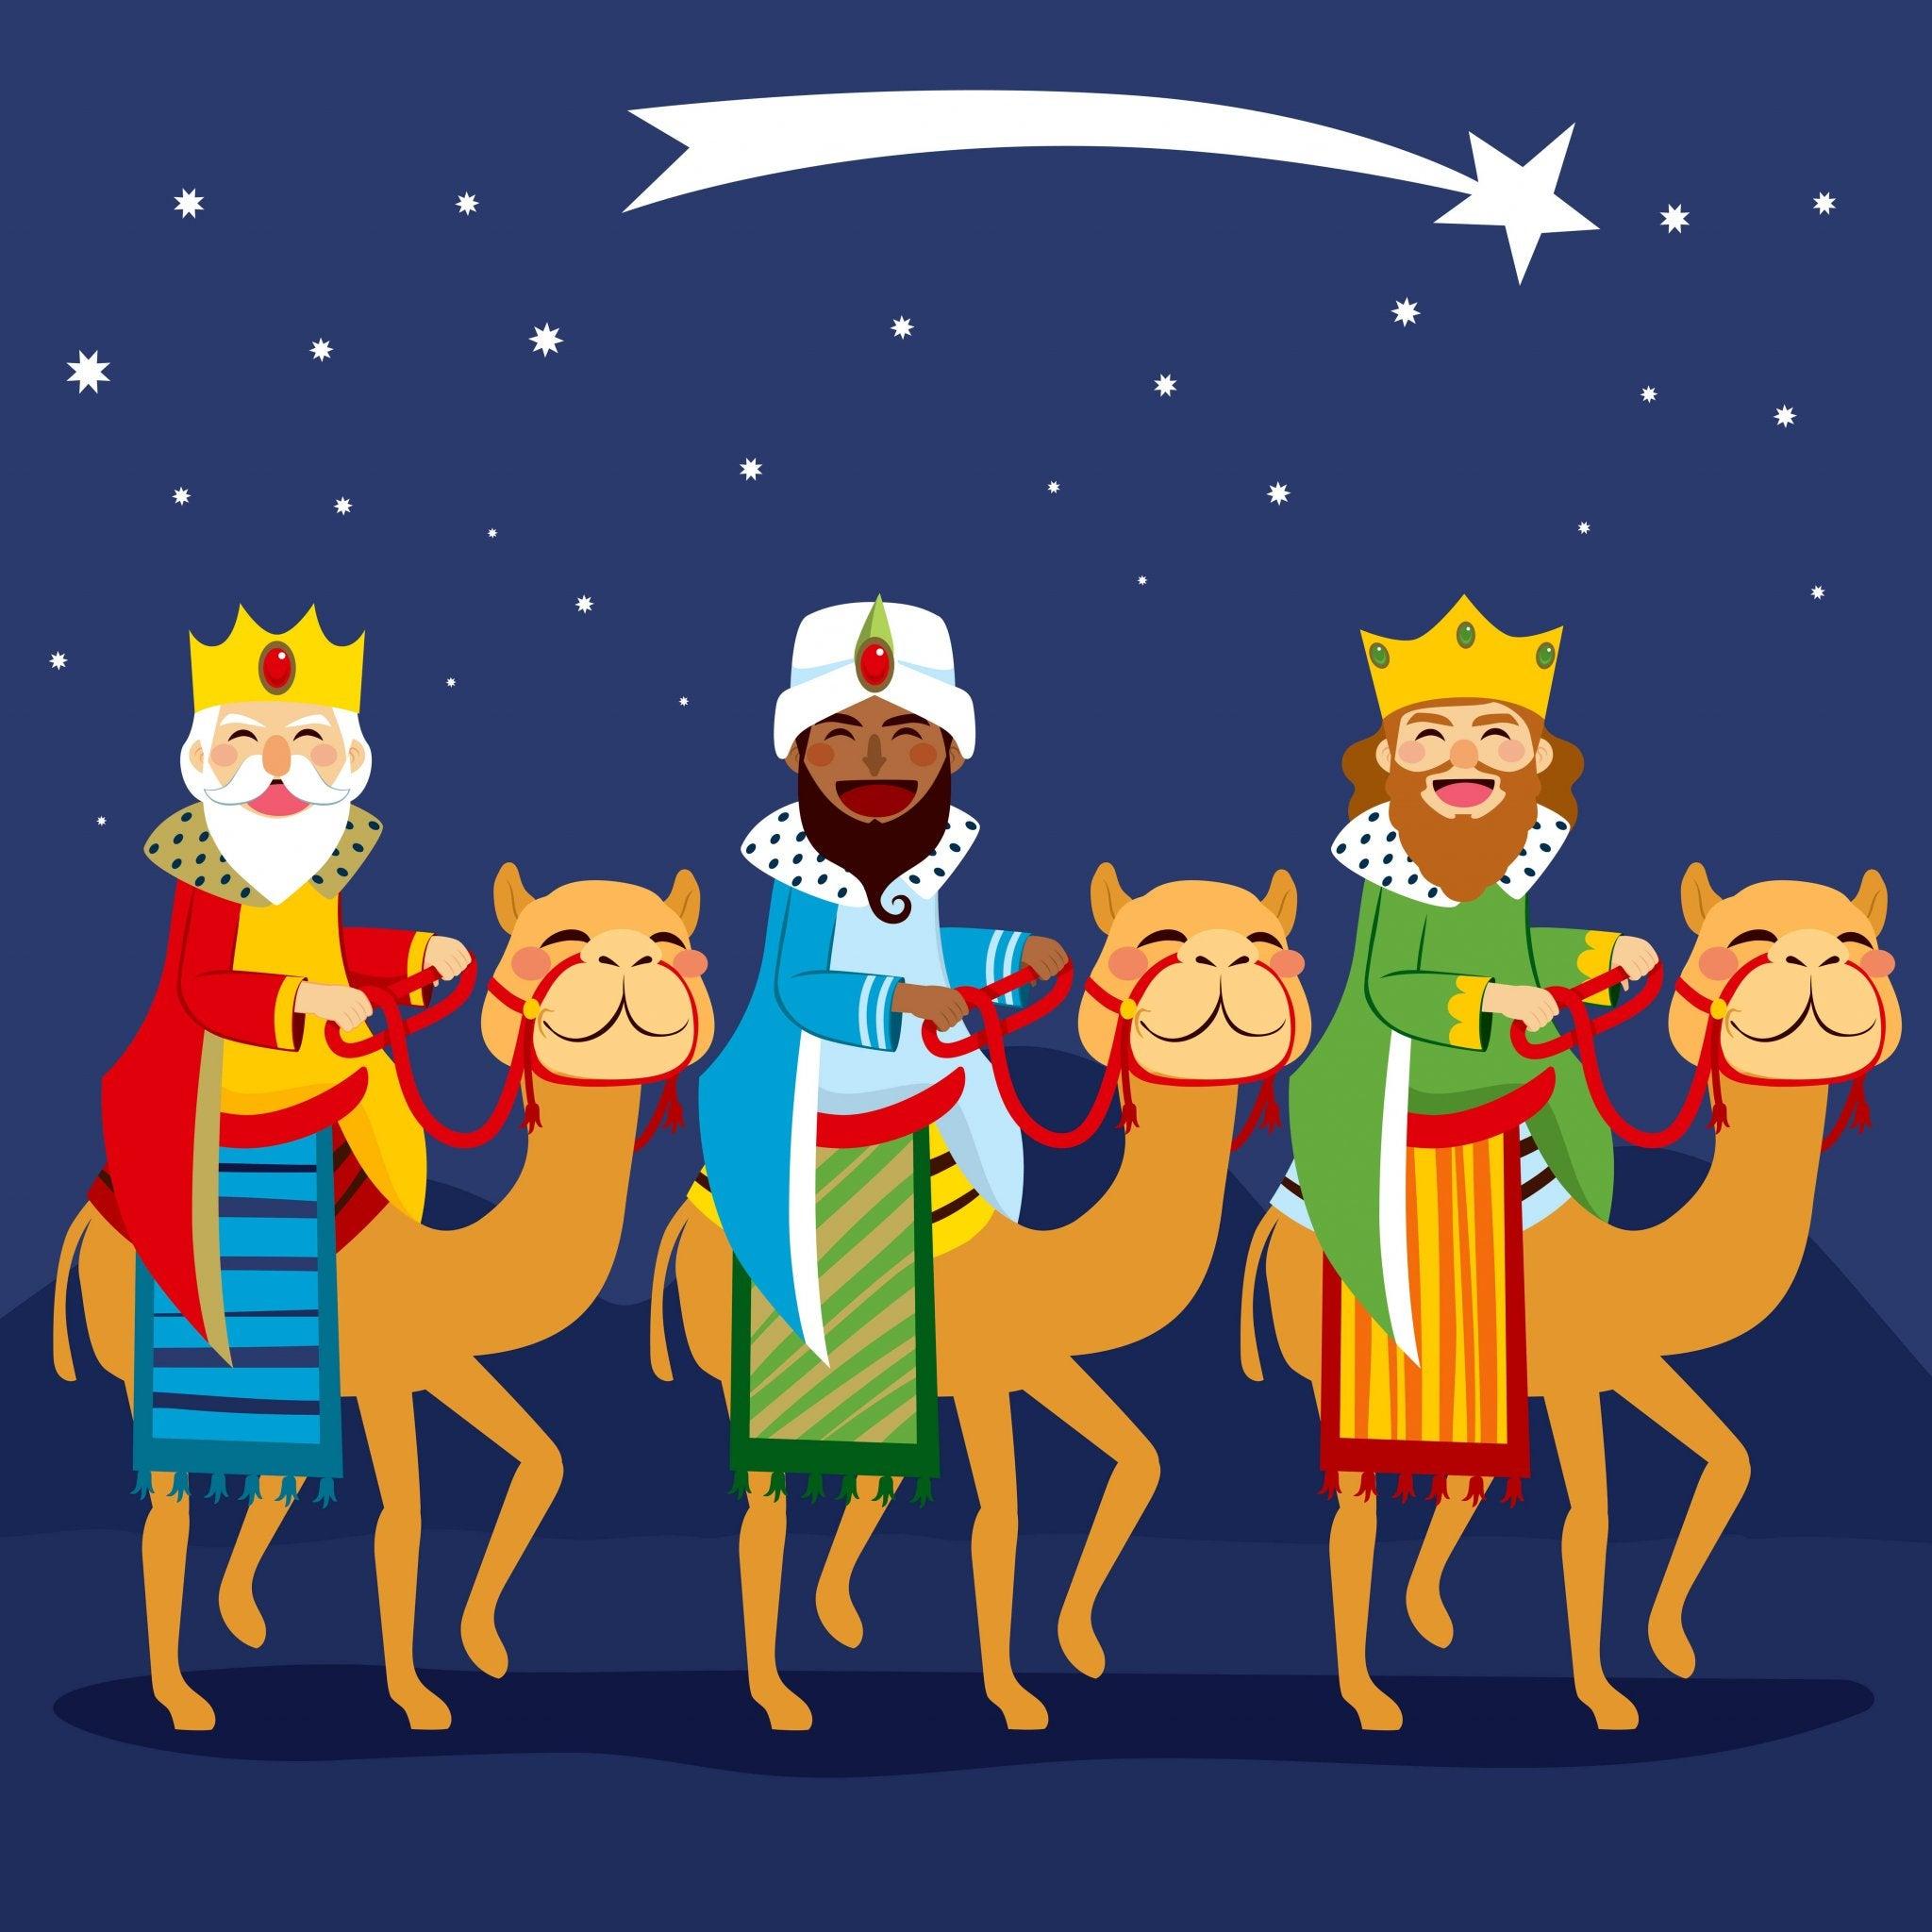 Dibujo de los Reyes Magos de Oriente siguiendo la estrella para llegar a Belén.